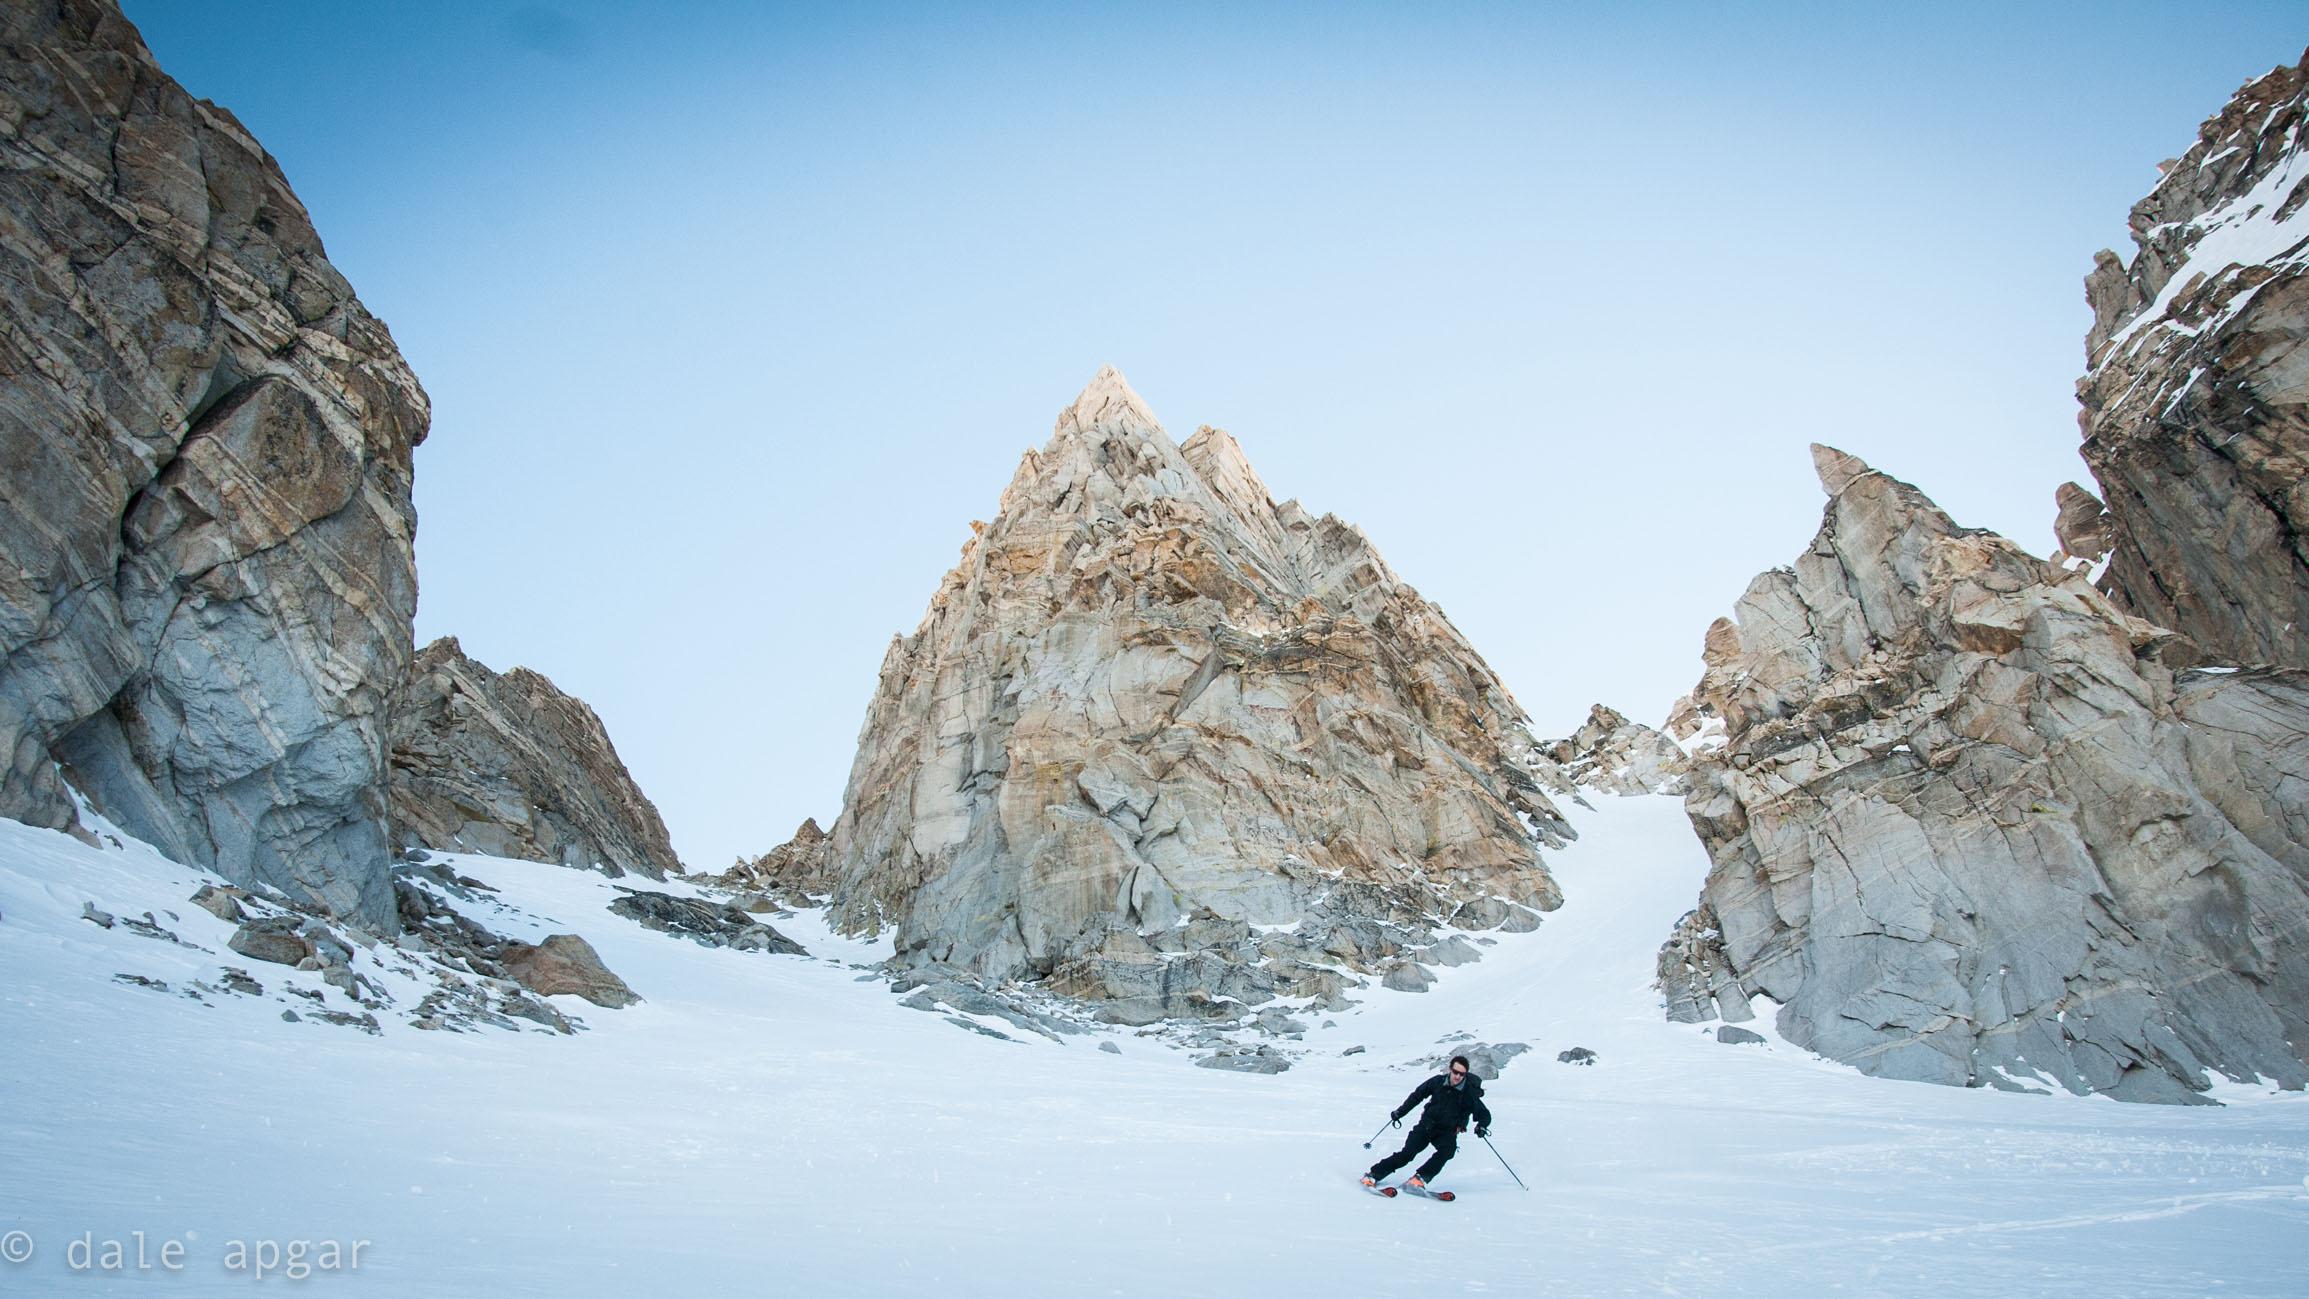 hatless and cloudless on the Matterhorn